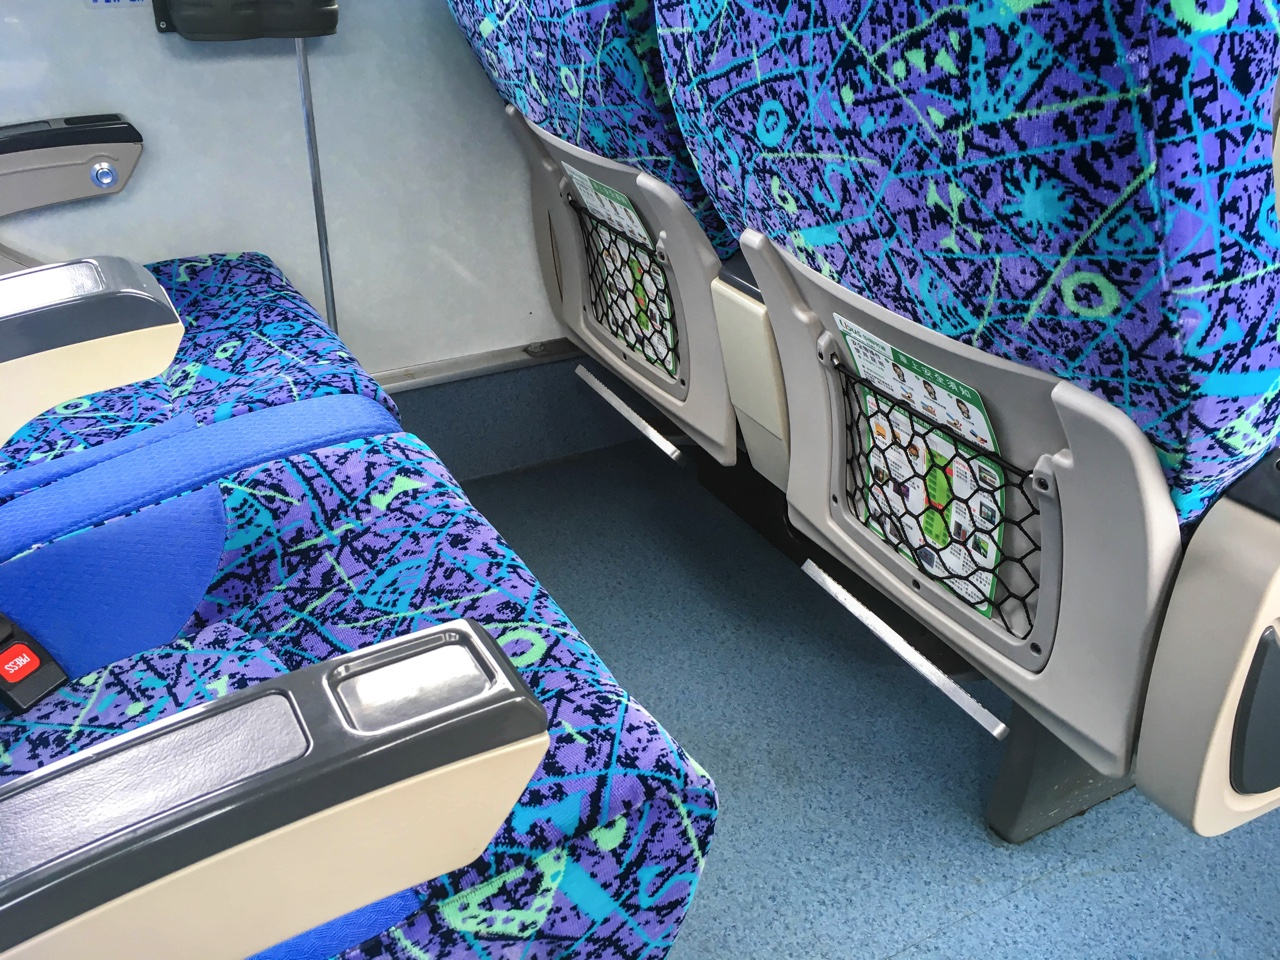 統聯客運バスの各座席足元